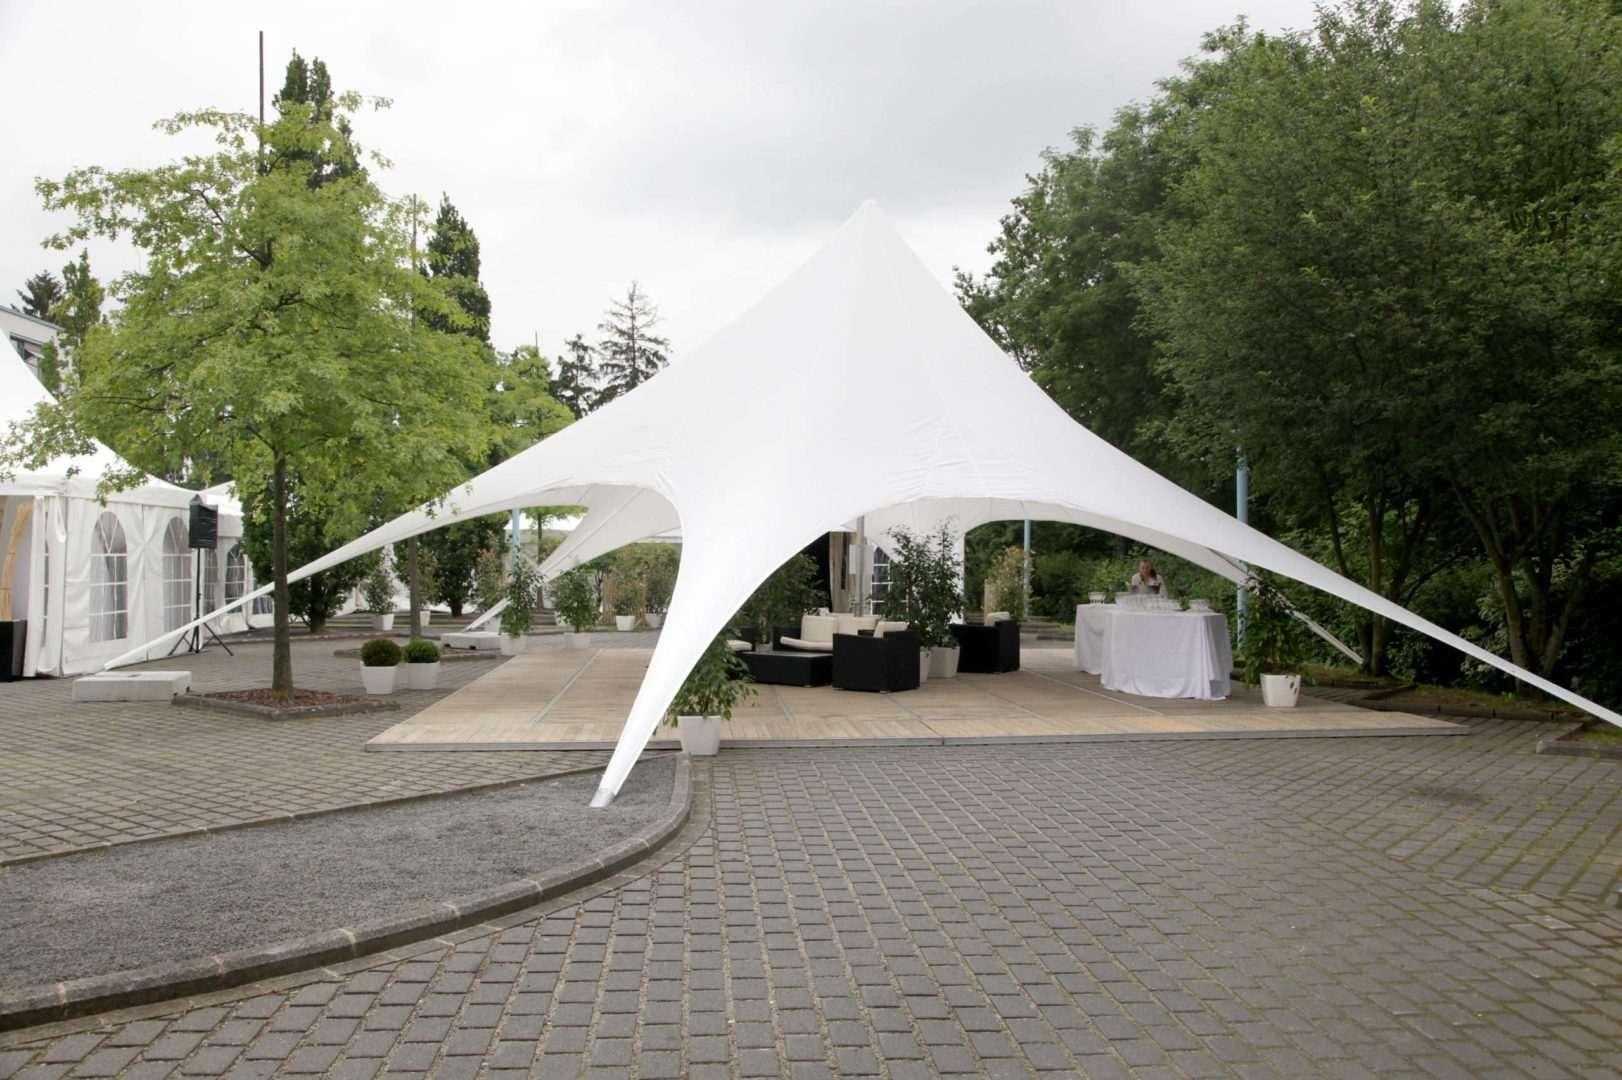 25-ans-euroscript-2009-chapiteau-extérieur-réception-projet